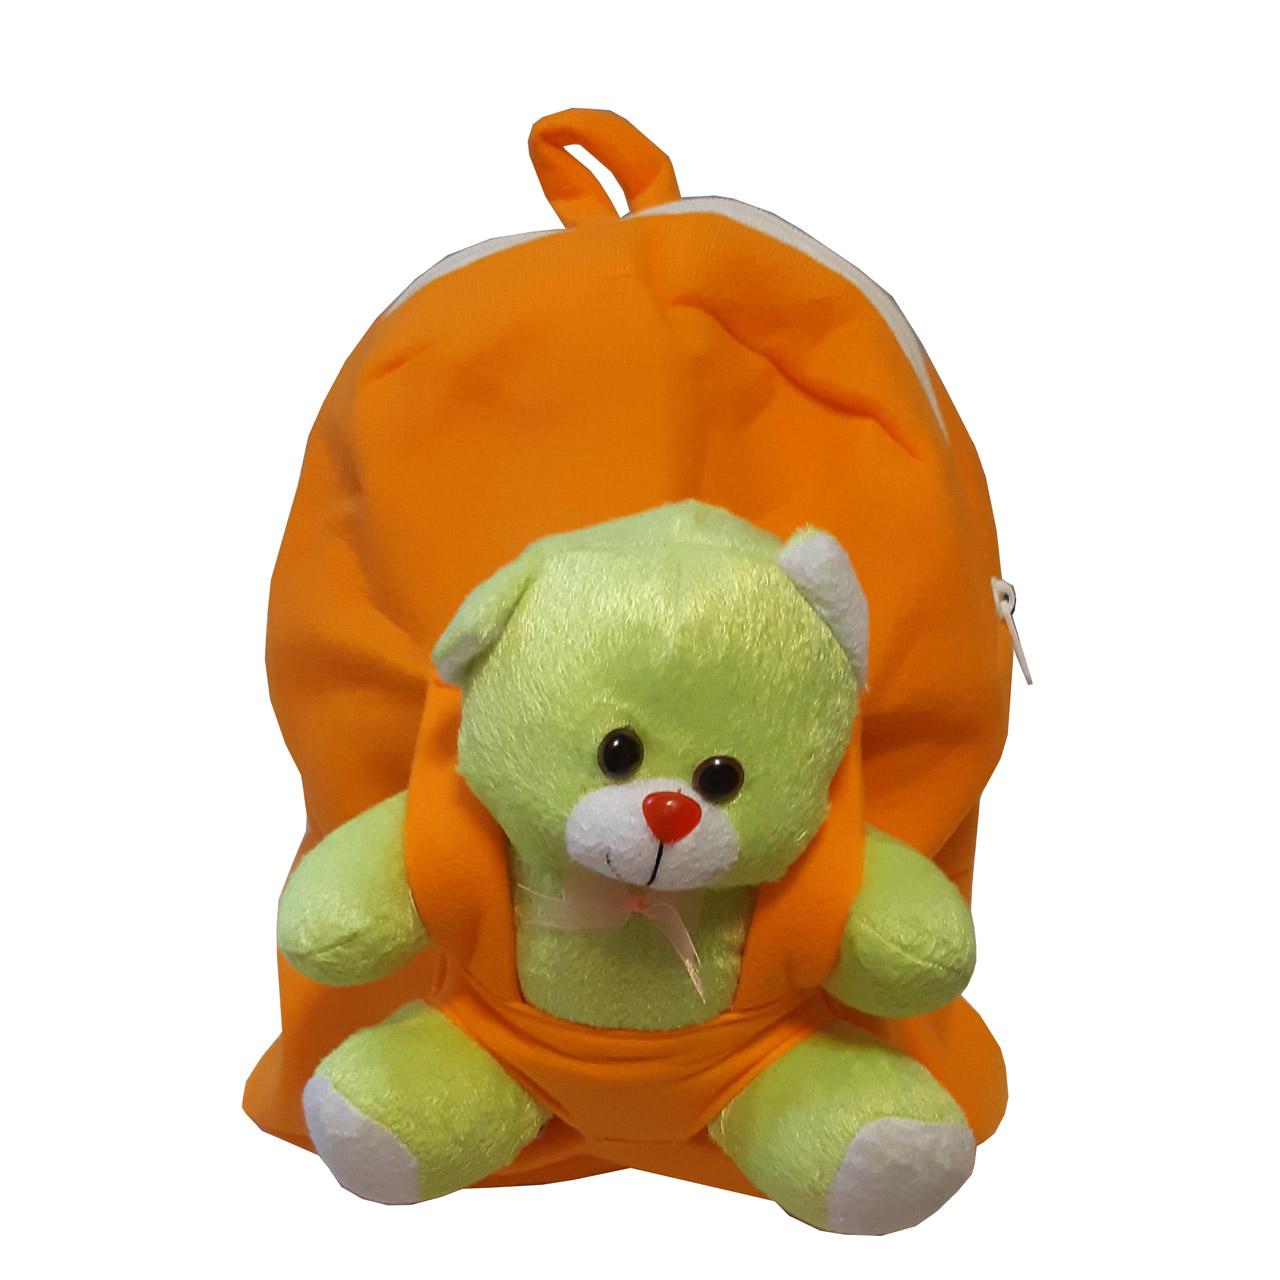 کوله پشتی کودک مدل خرس دار کد 74